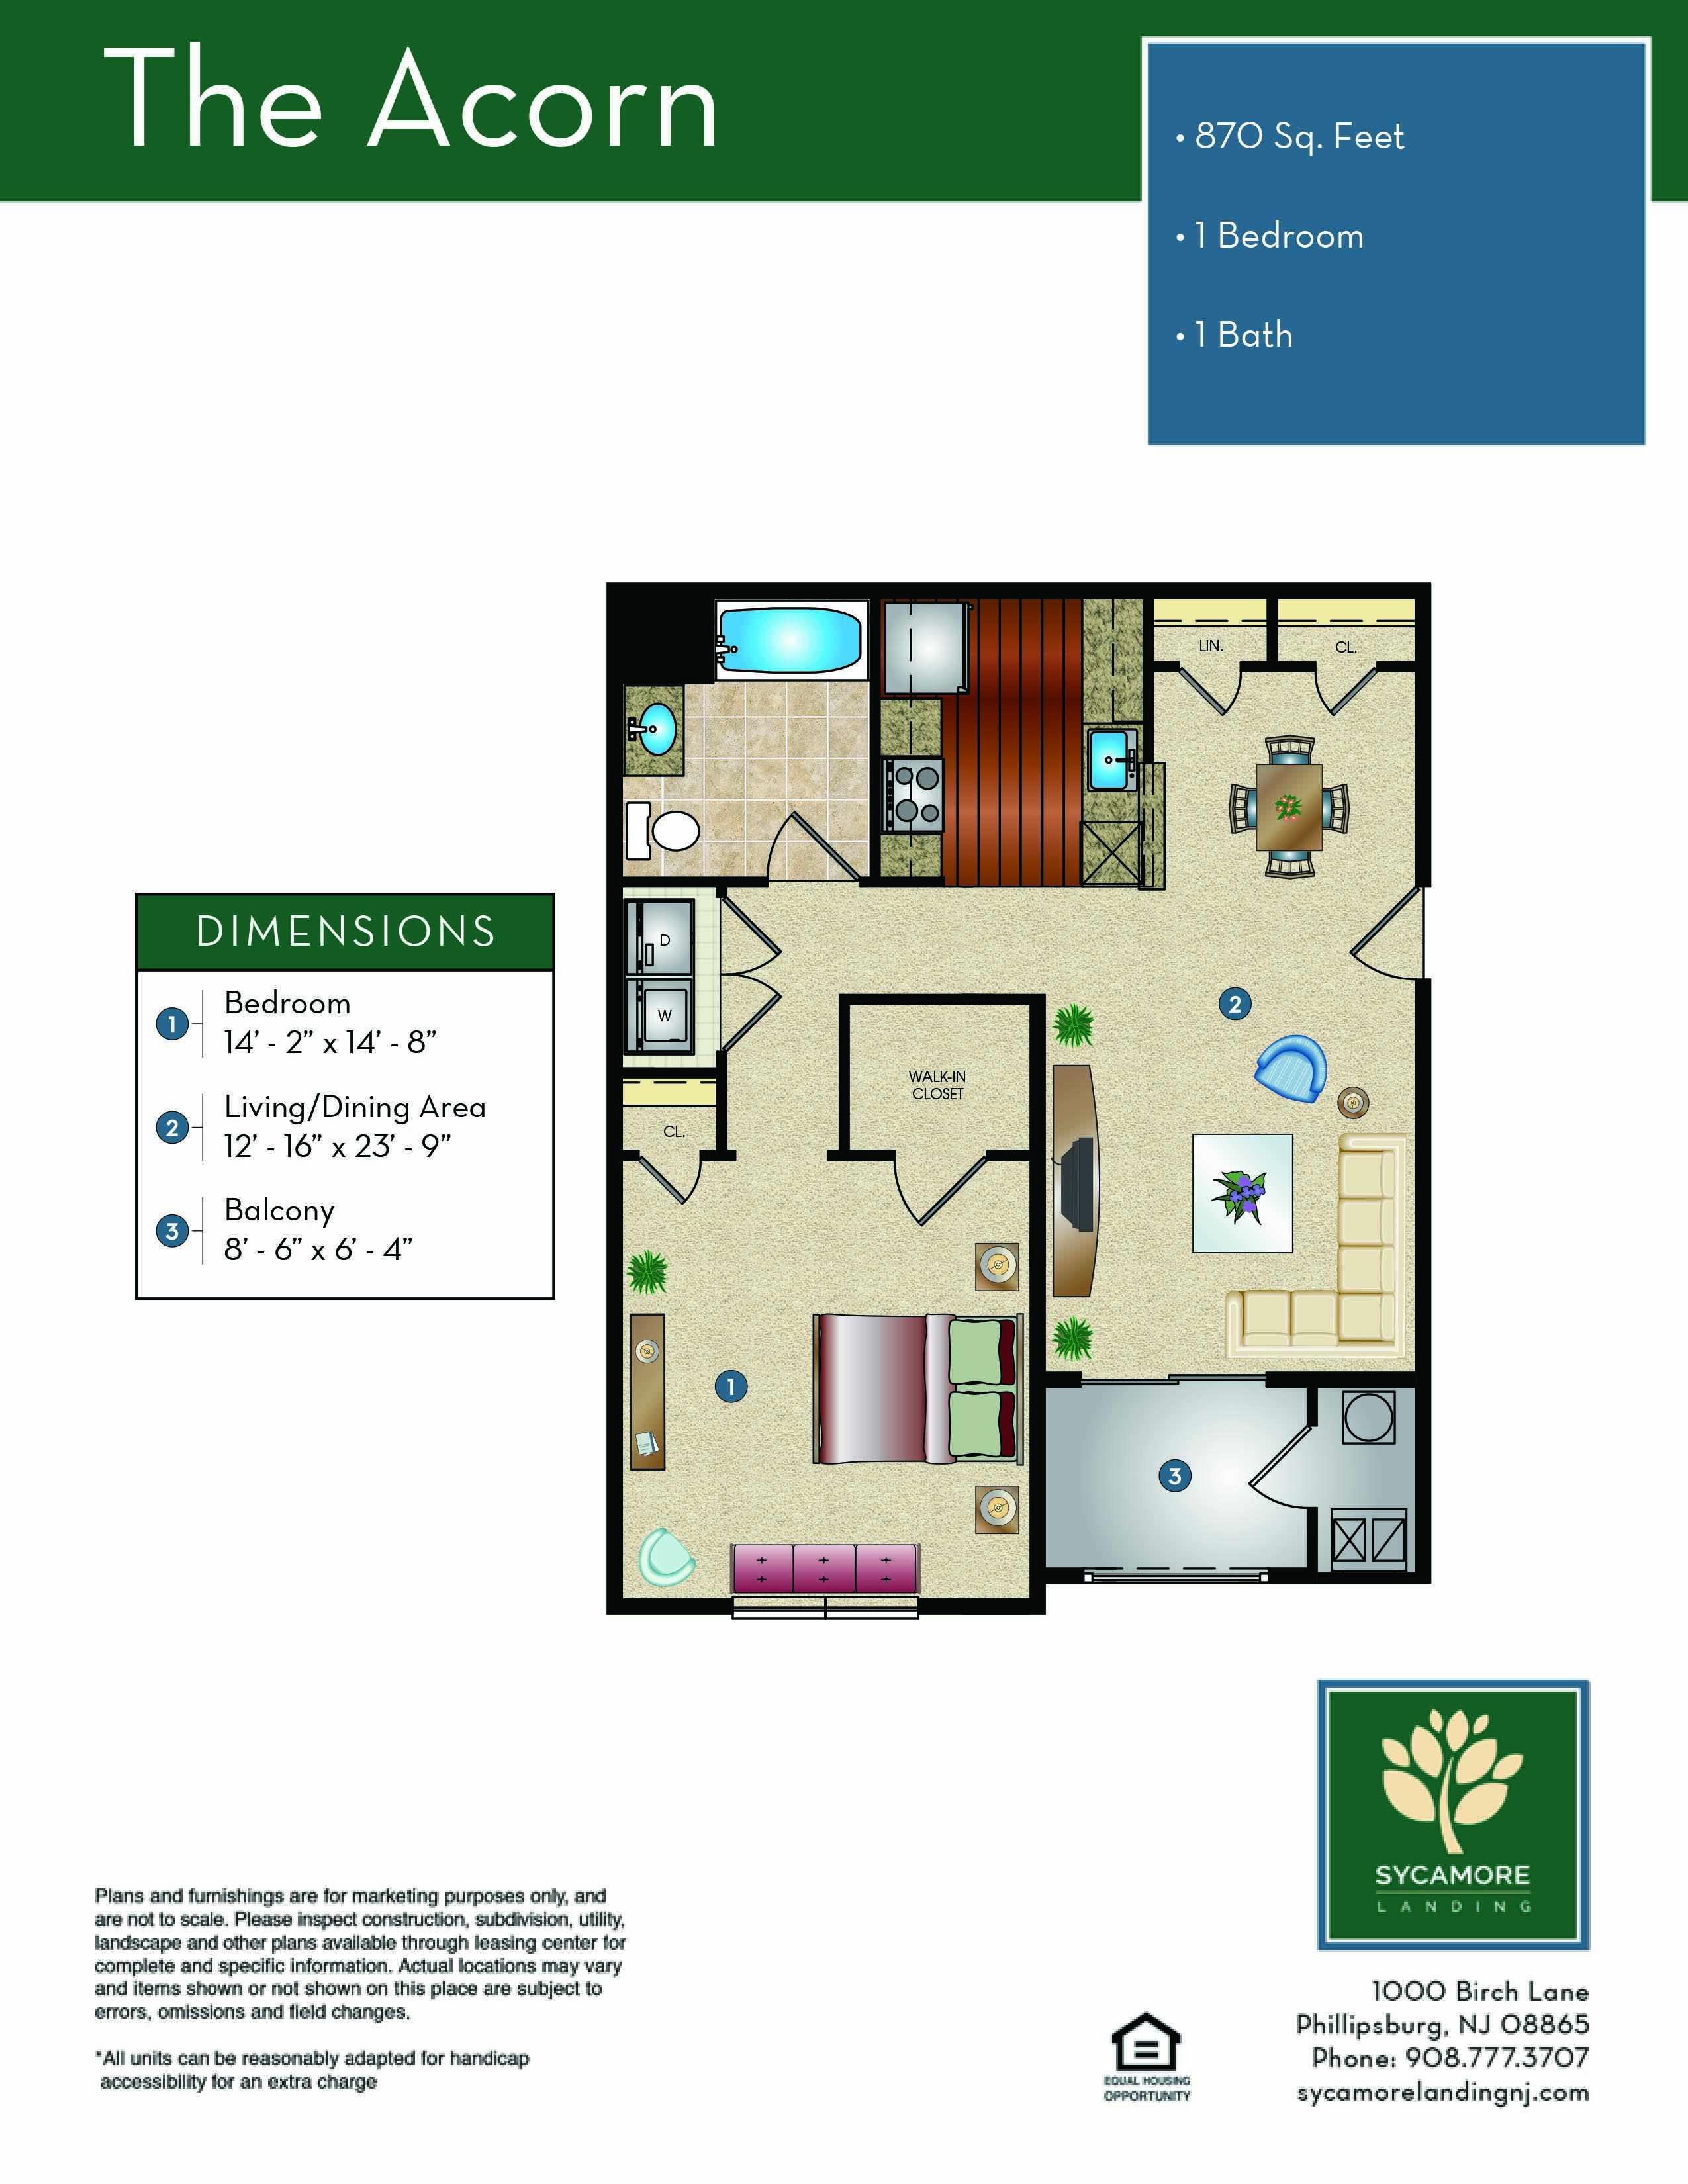 The Acorn Floor Plan